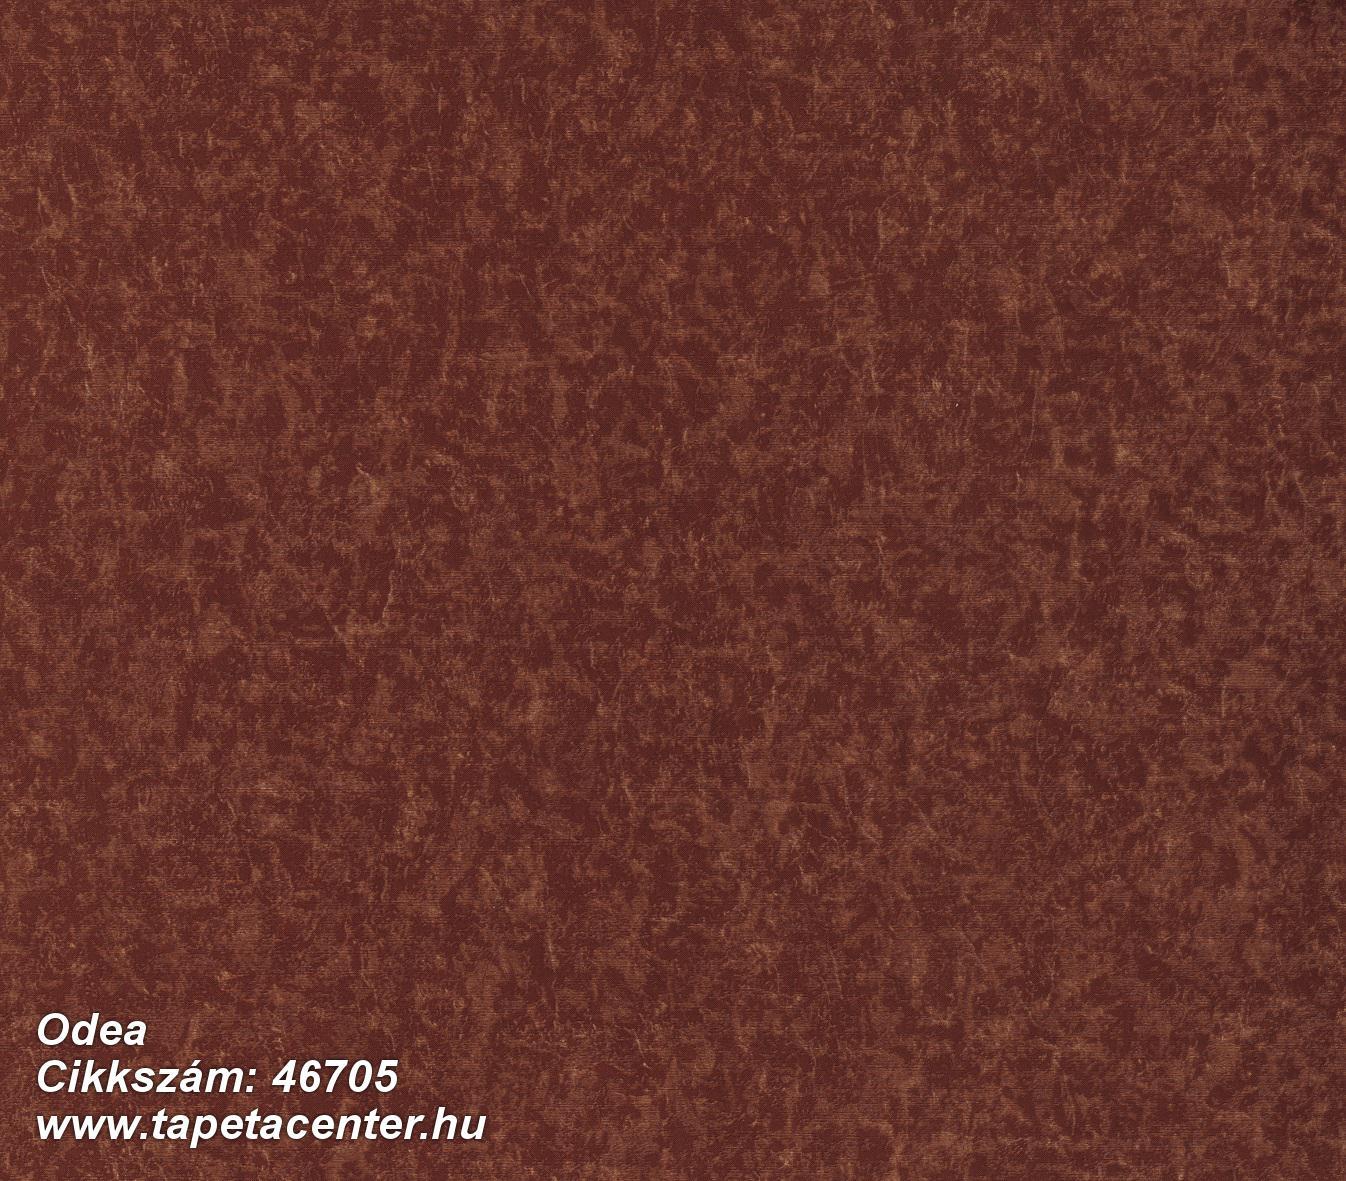 Odea - 46705 Olasz tapéta